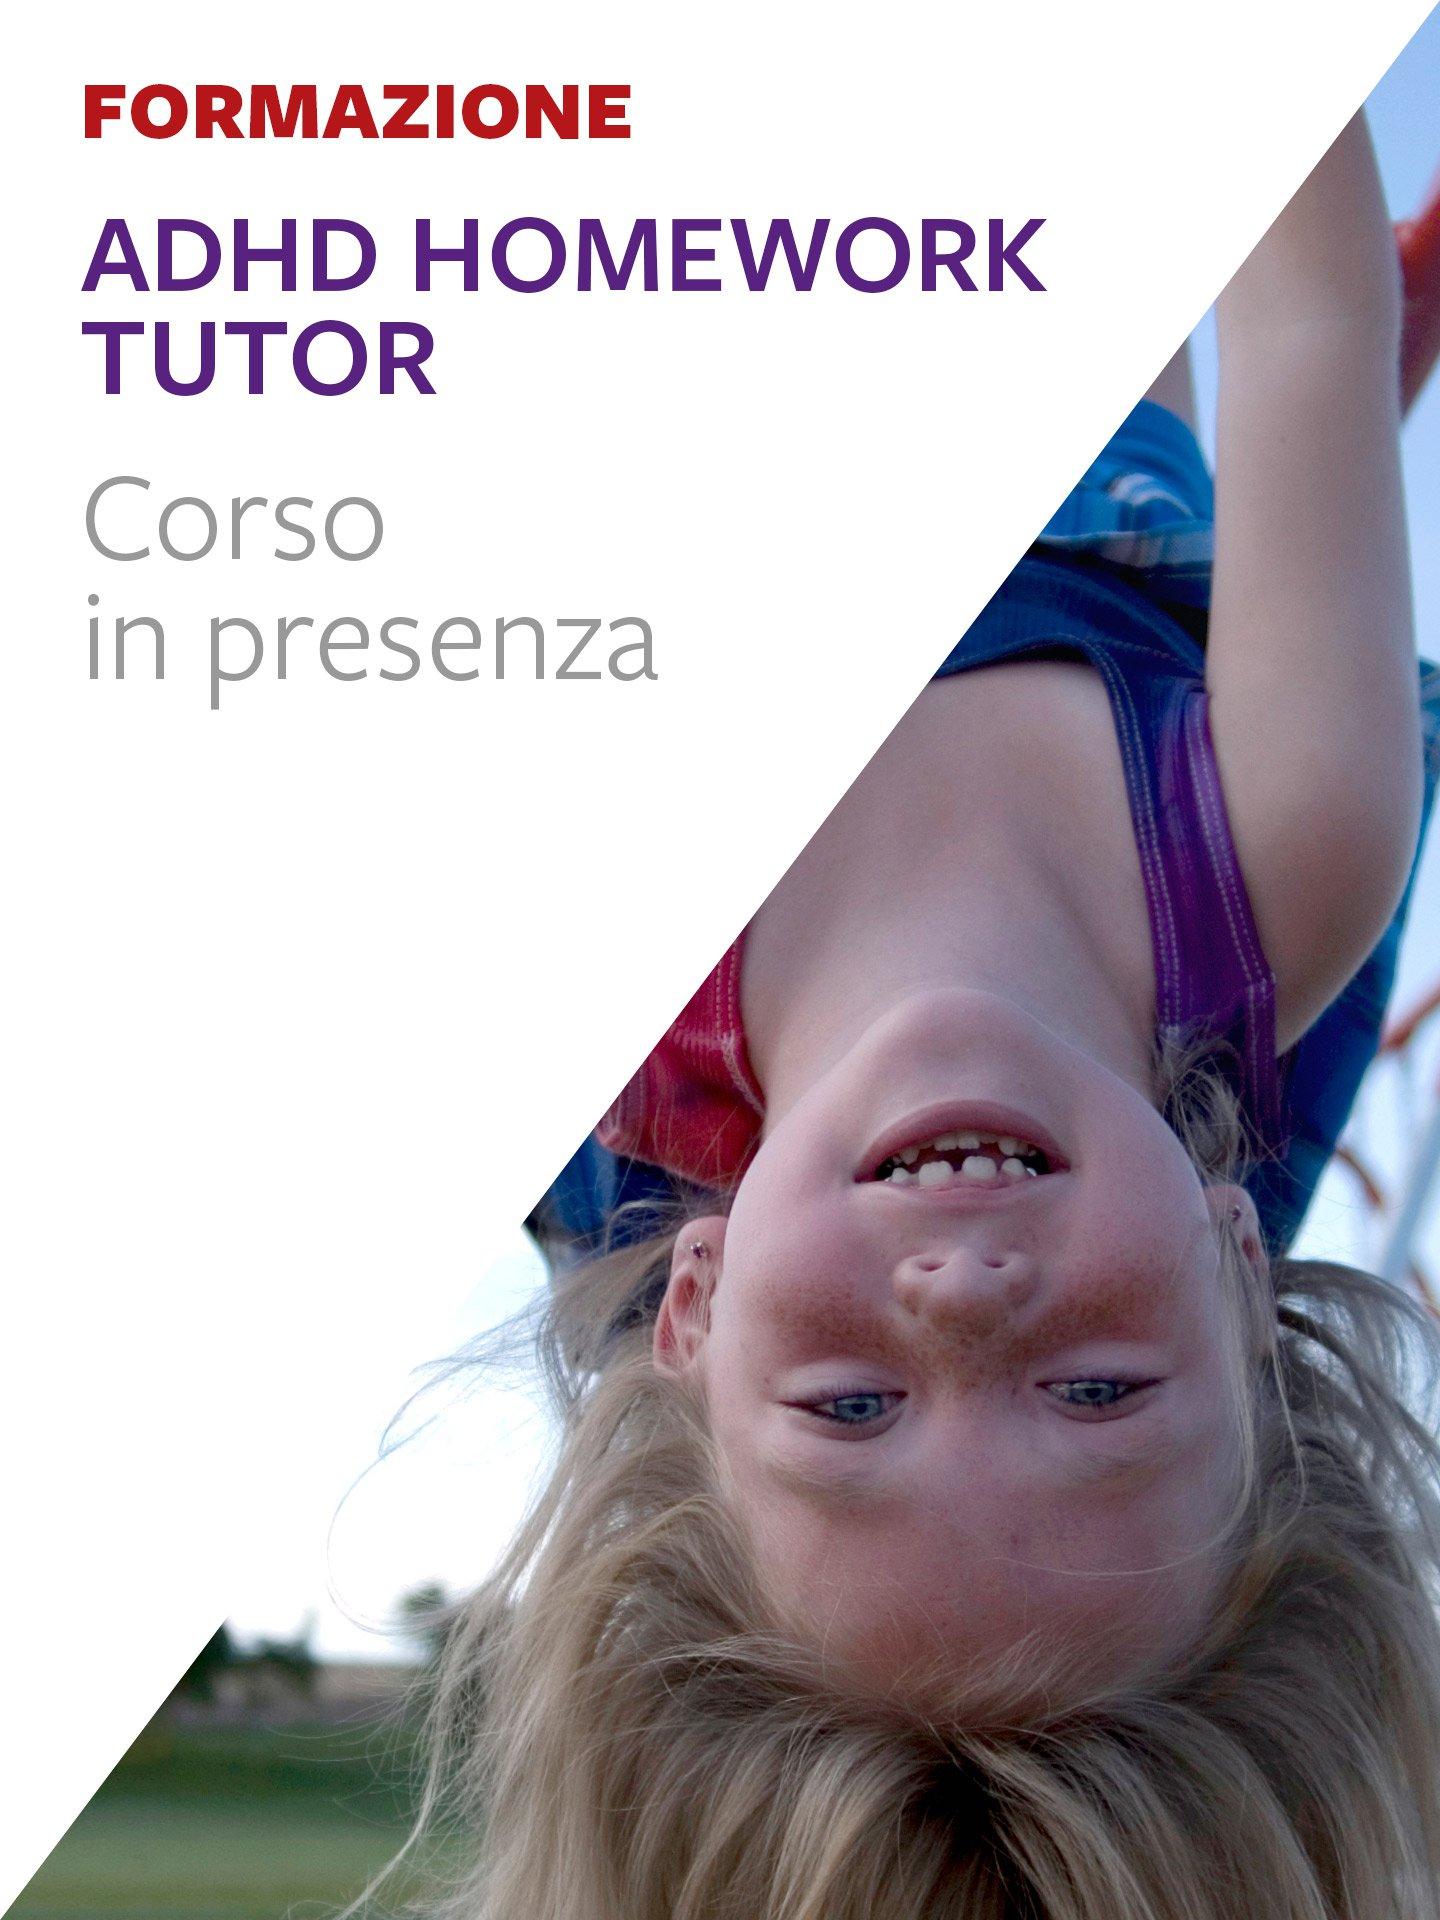 ADHD Homework Tutor®. - Formazione per docenti, educatori, assistenti sociali, psicologi - Erickson